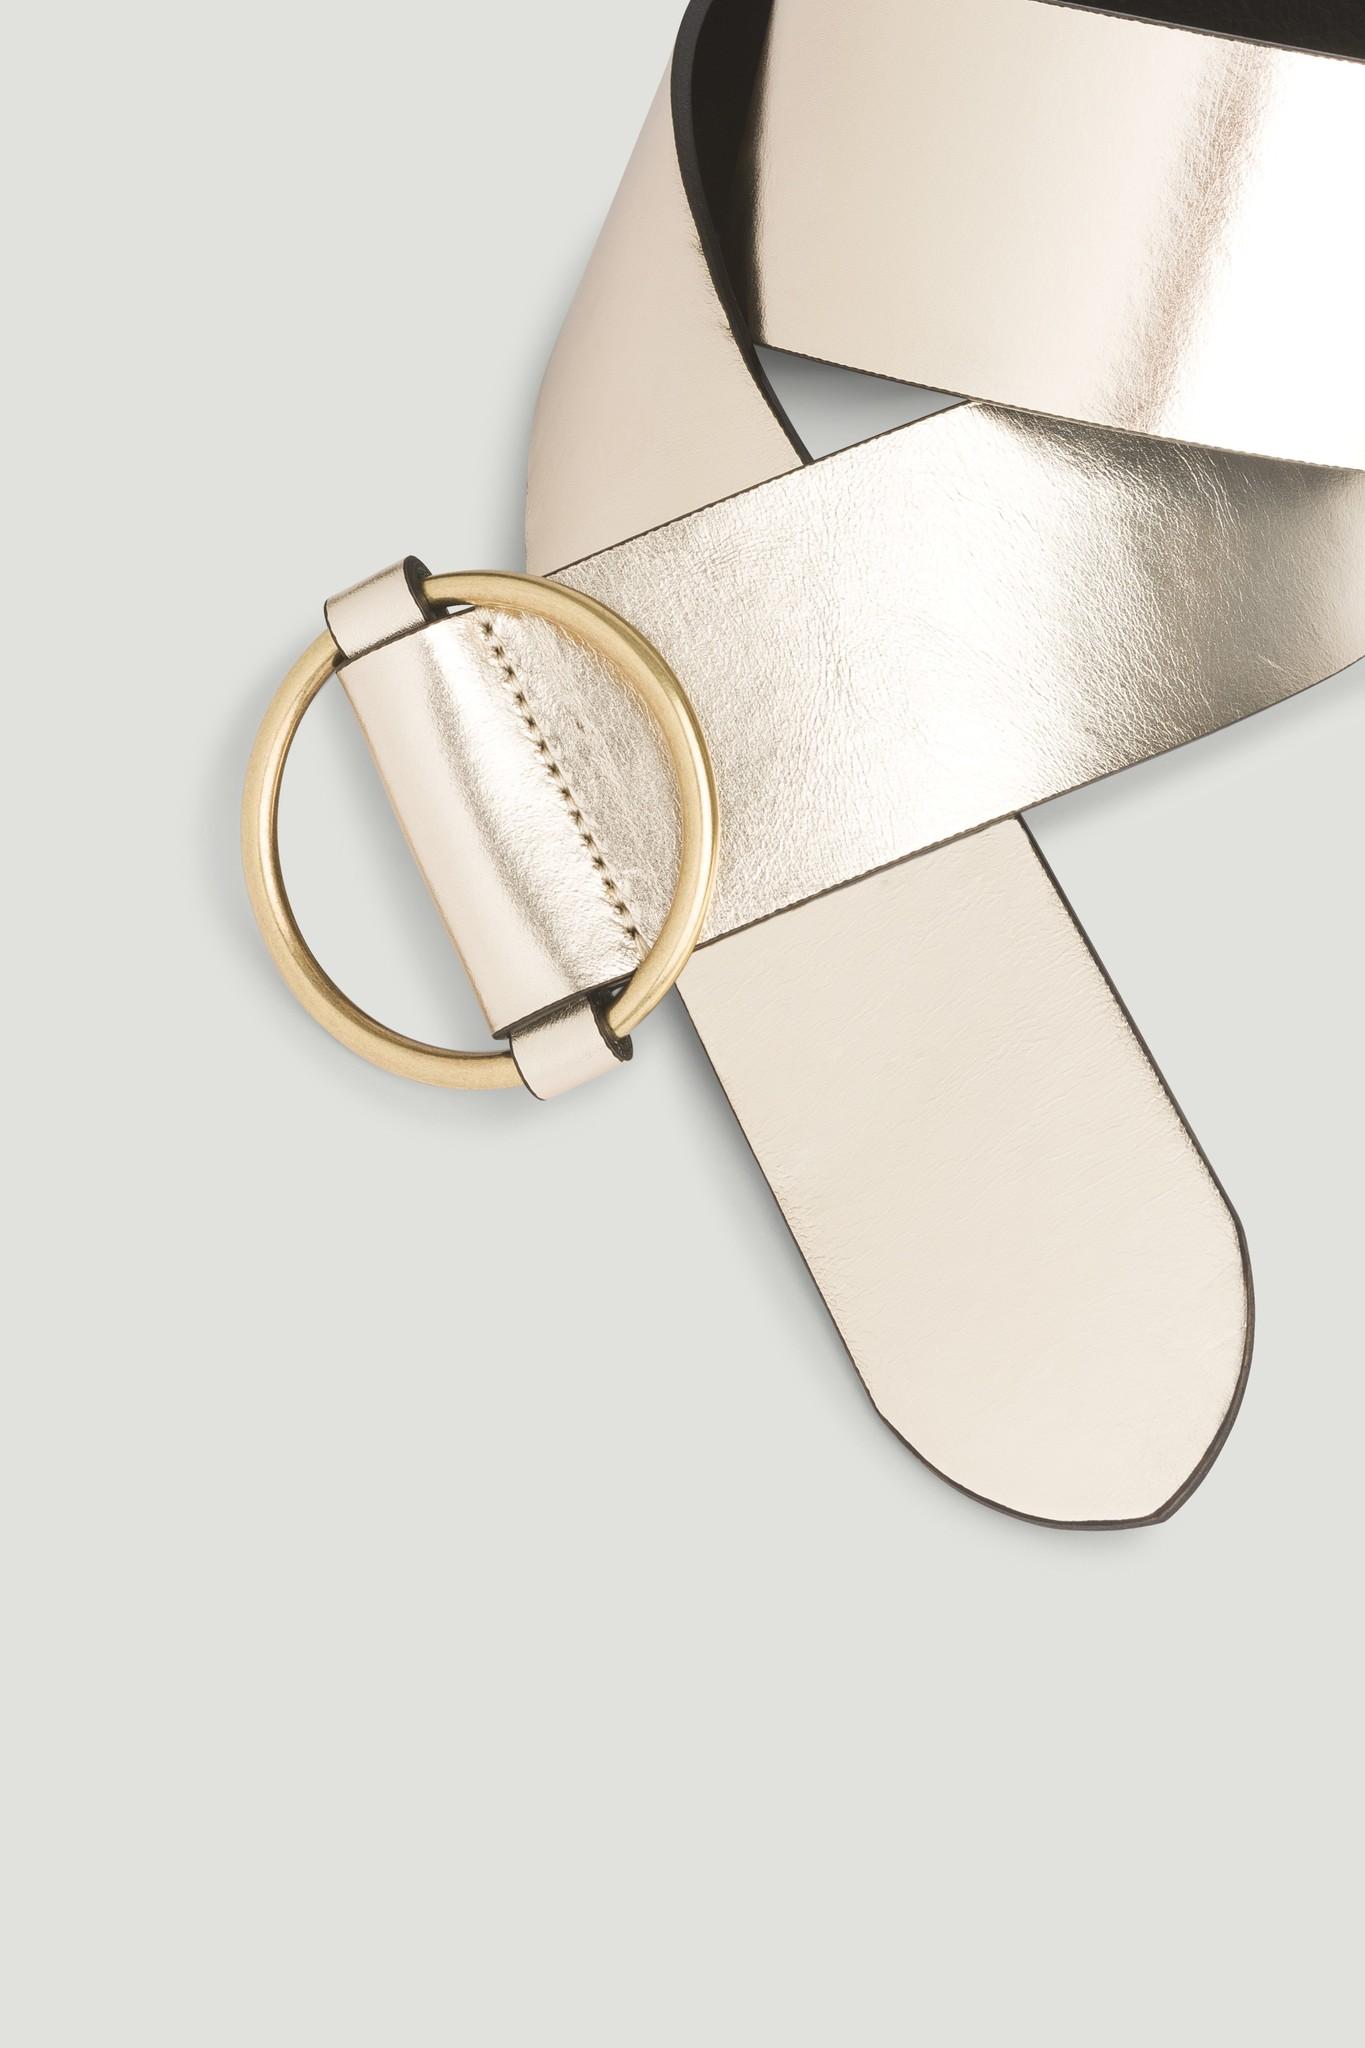 Широкий кожаный ремень с золотой пряжкой